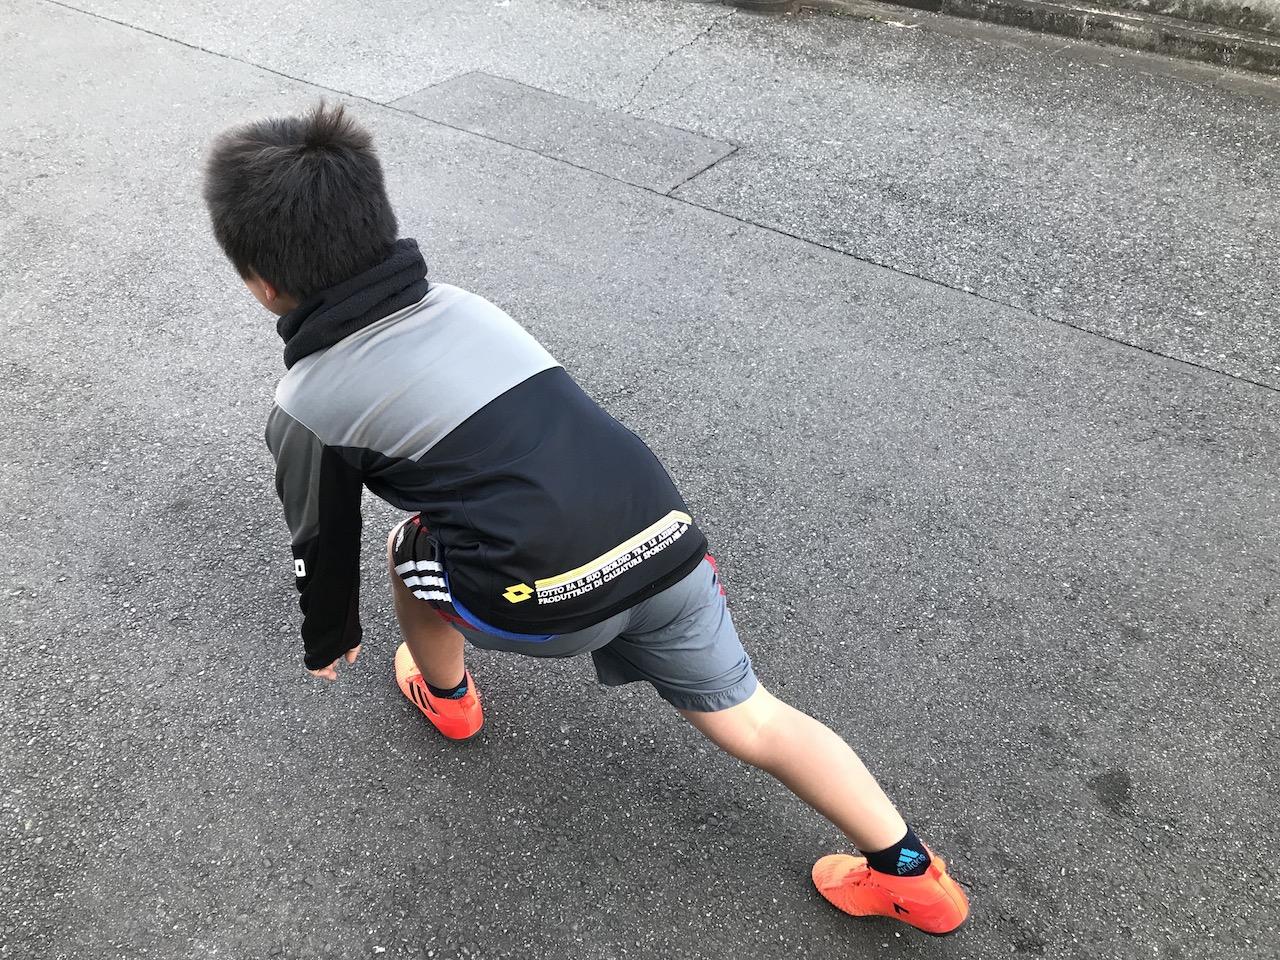 【ジョギングダイエット経過報告】食生活の見直しも必要か?!